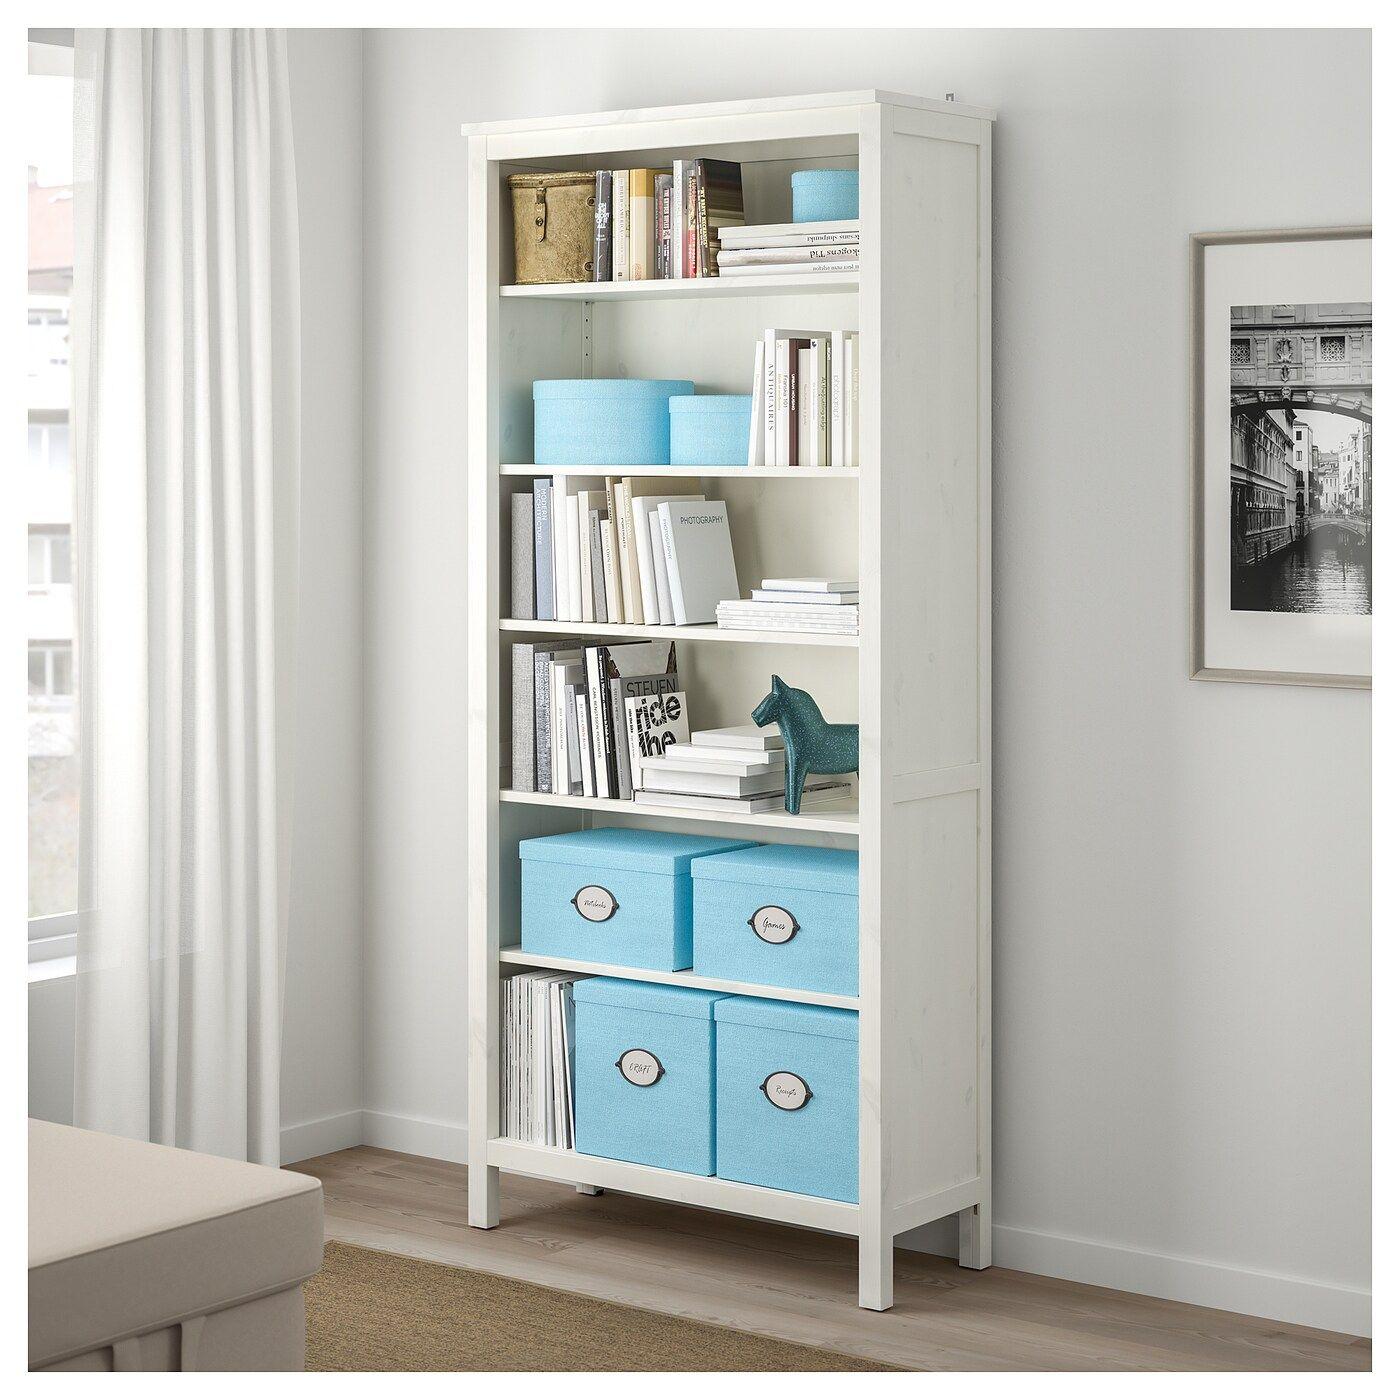 Kvarnvik Kasten Mit Deckel Blau Aufbewahrungsbox Mit Deckel Aufbewahrung Wohnzimmer Und Ikea Lagerung